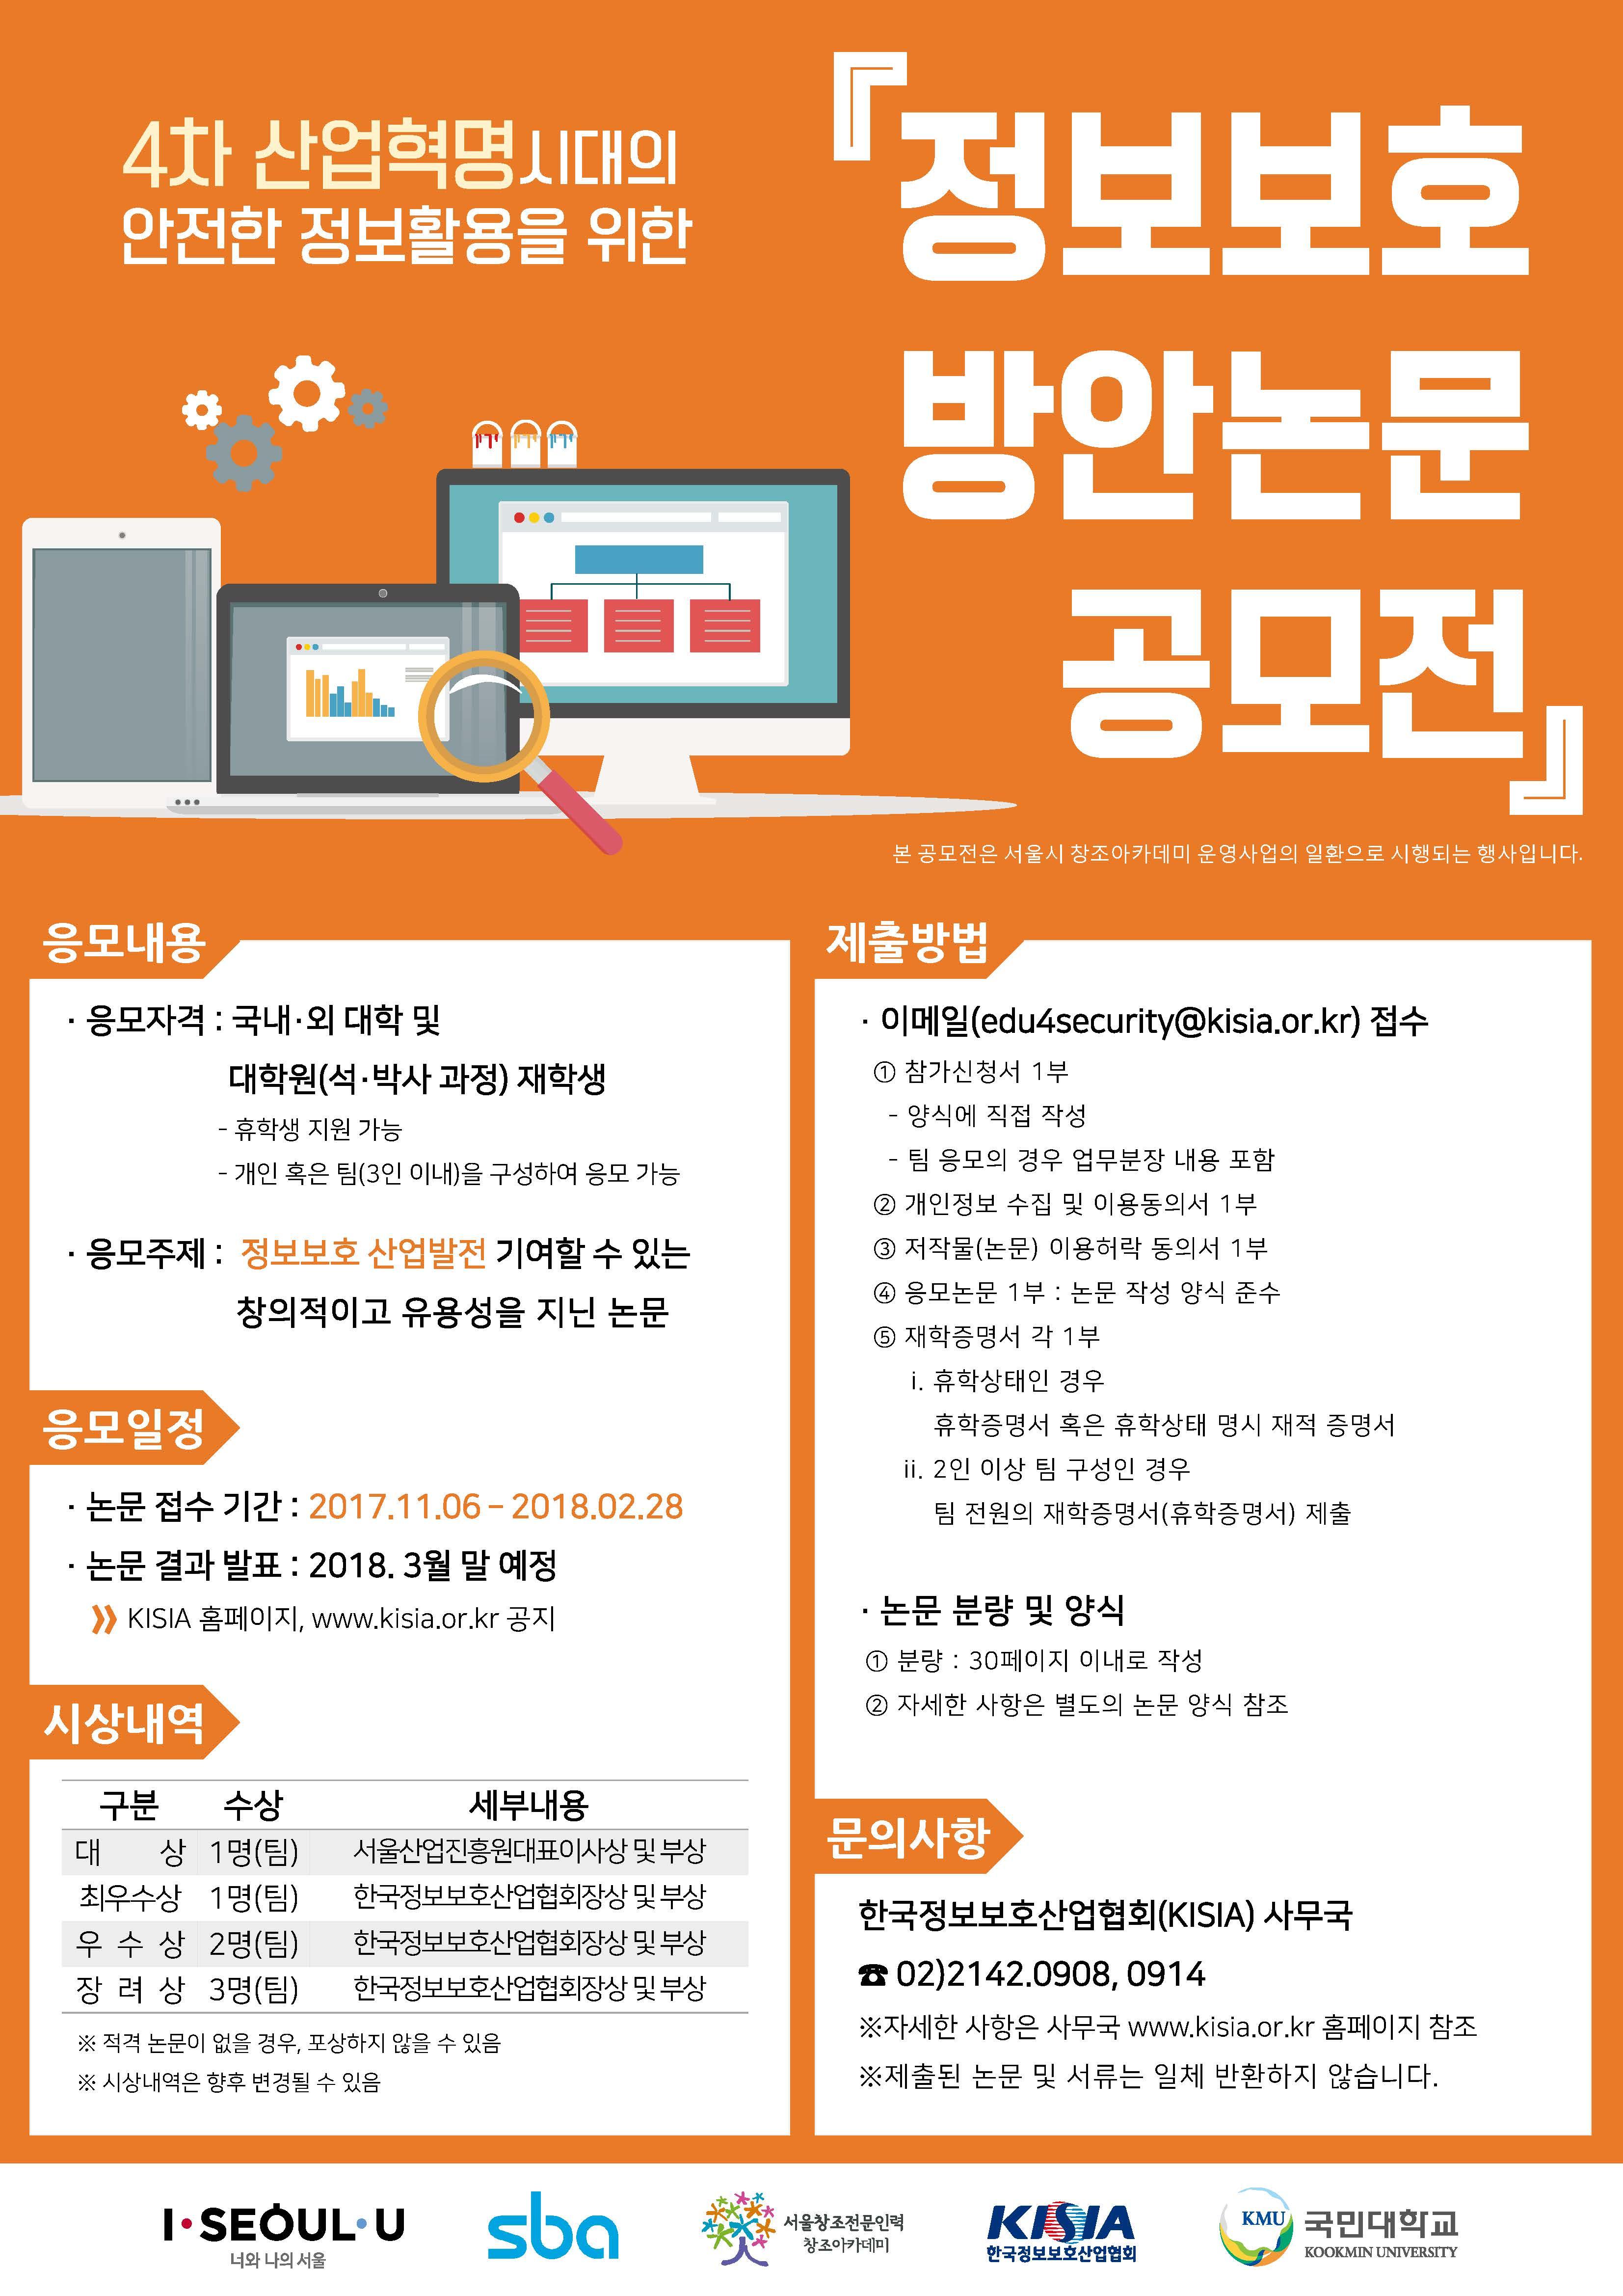 한국정보보호산업협회 정보보호 방안논문 공모전